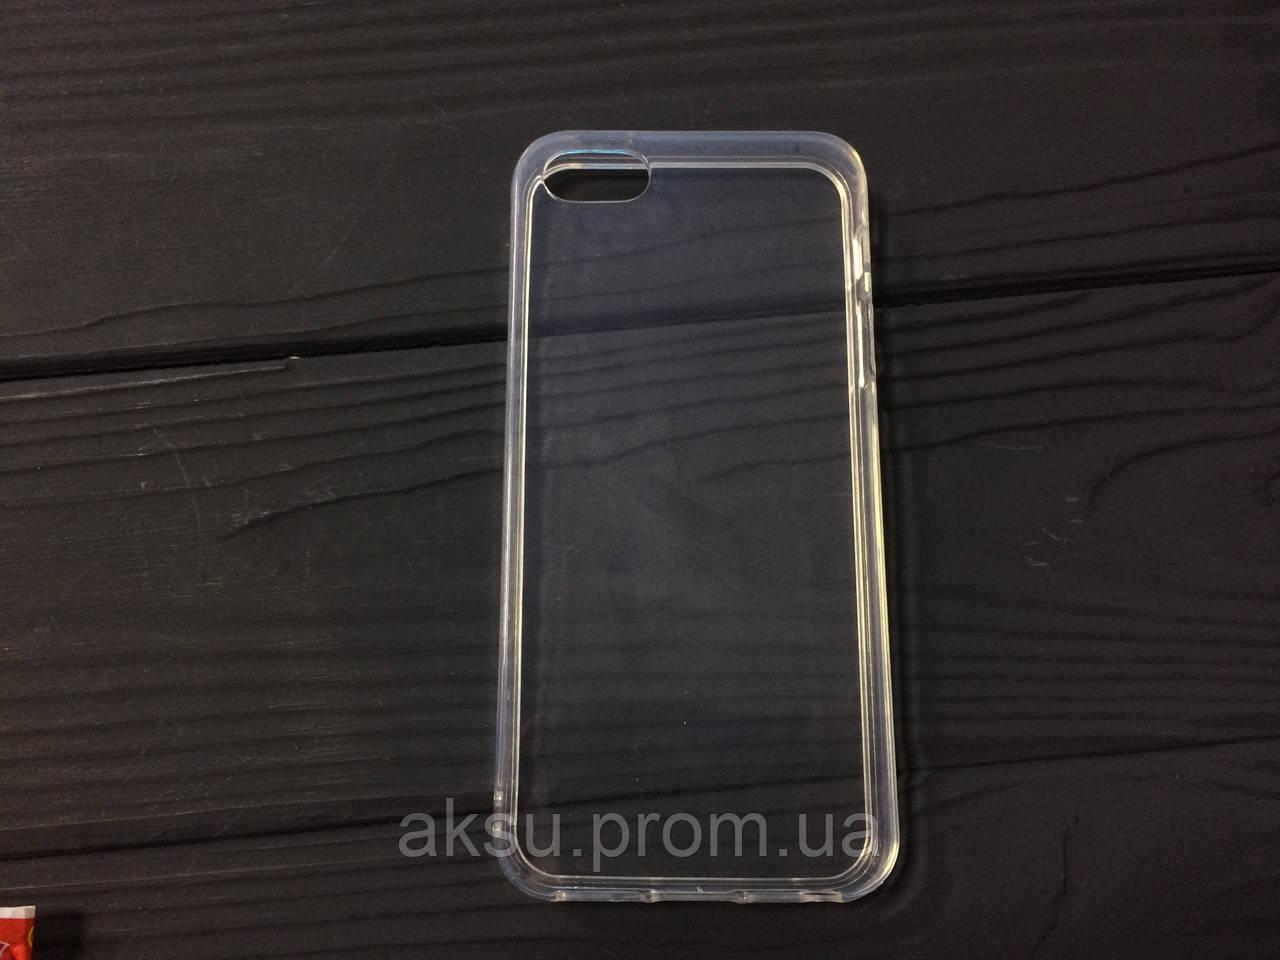 Силиконовый чехол для iPhone 5/5s/SE Прозрачный